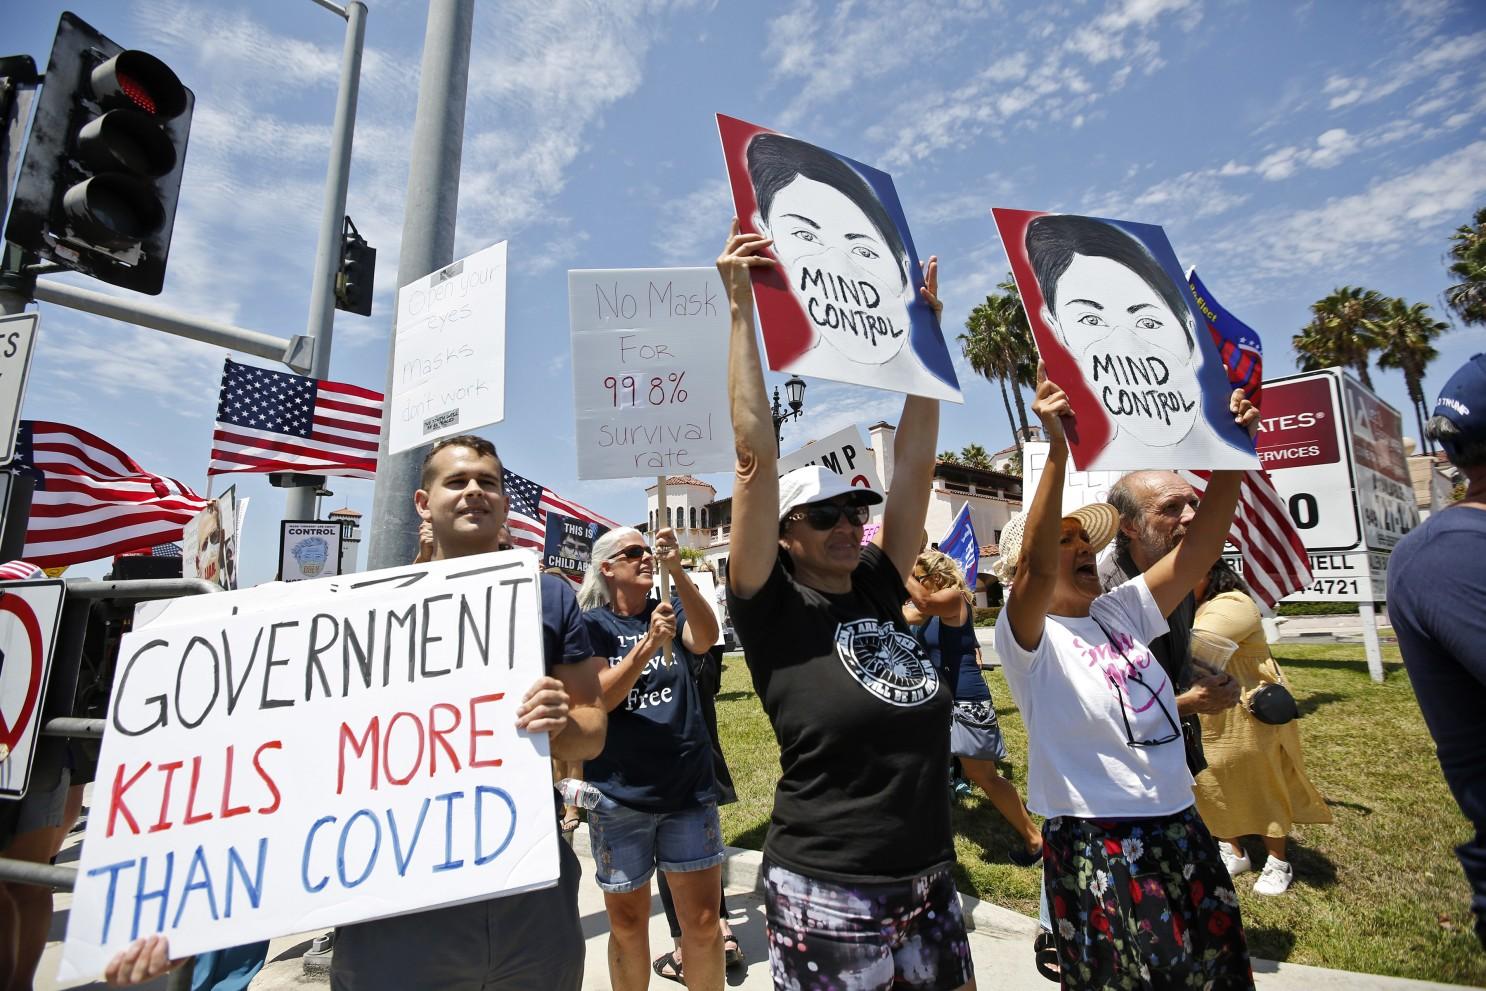 poor governance Vs COVID-19